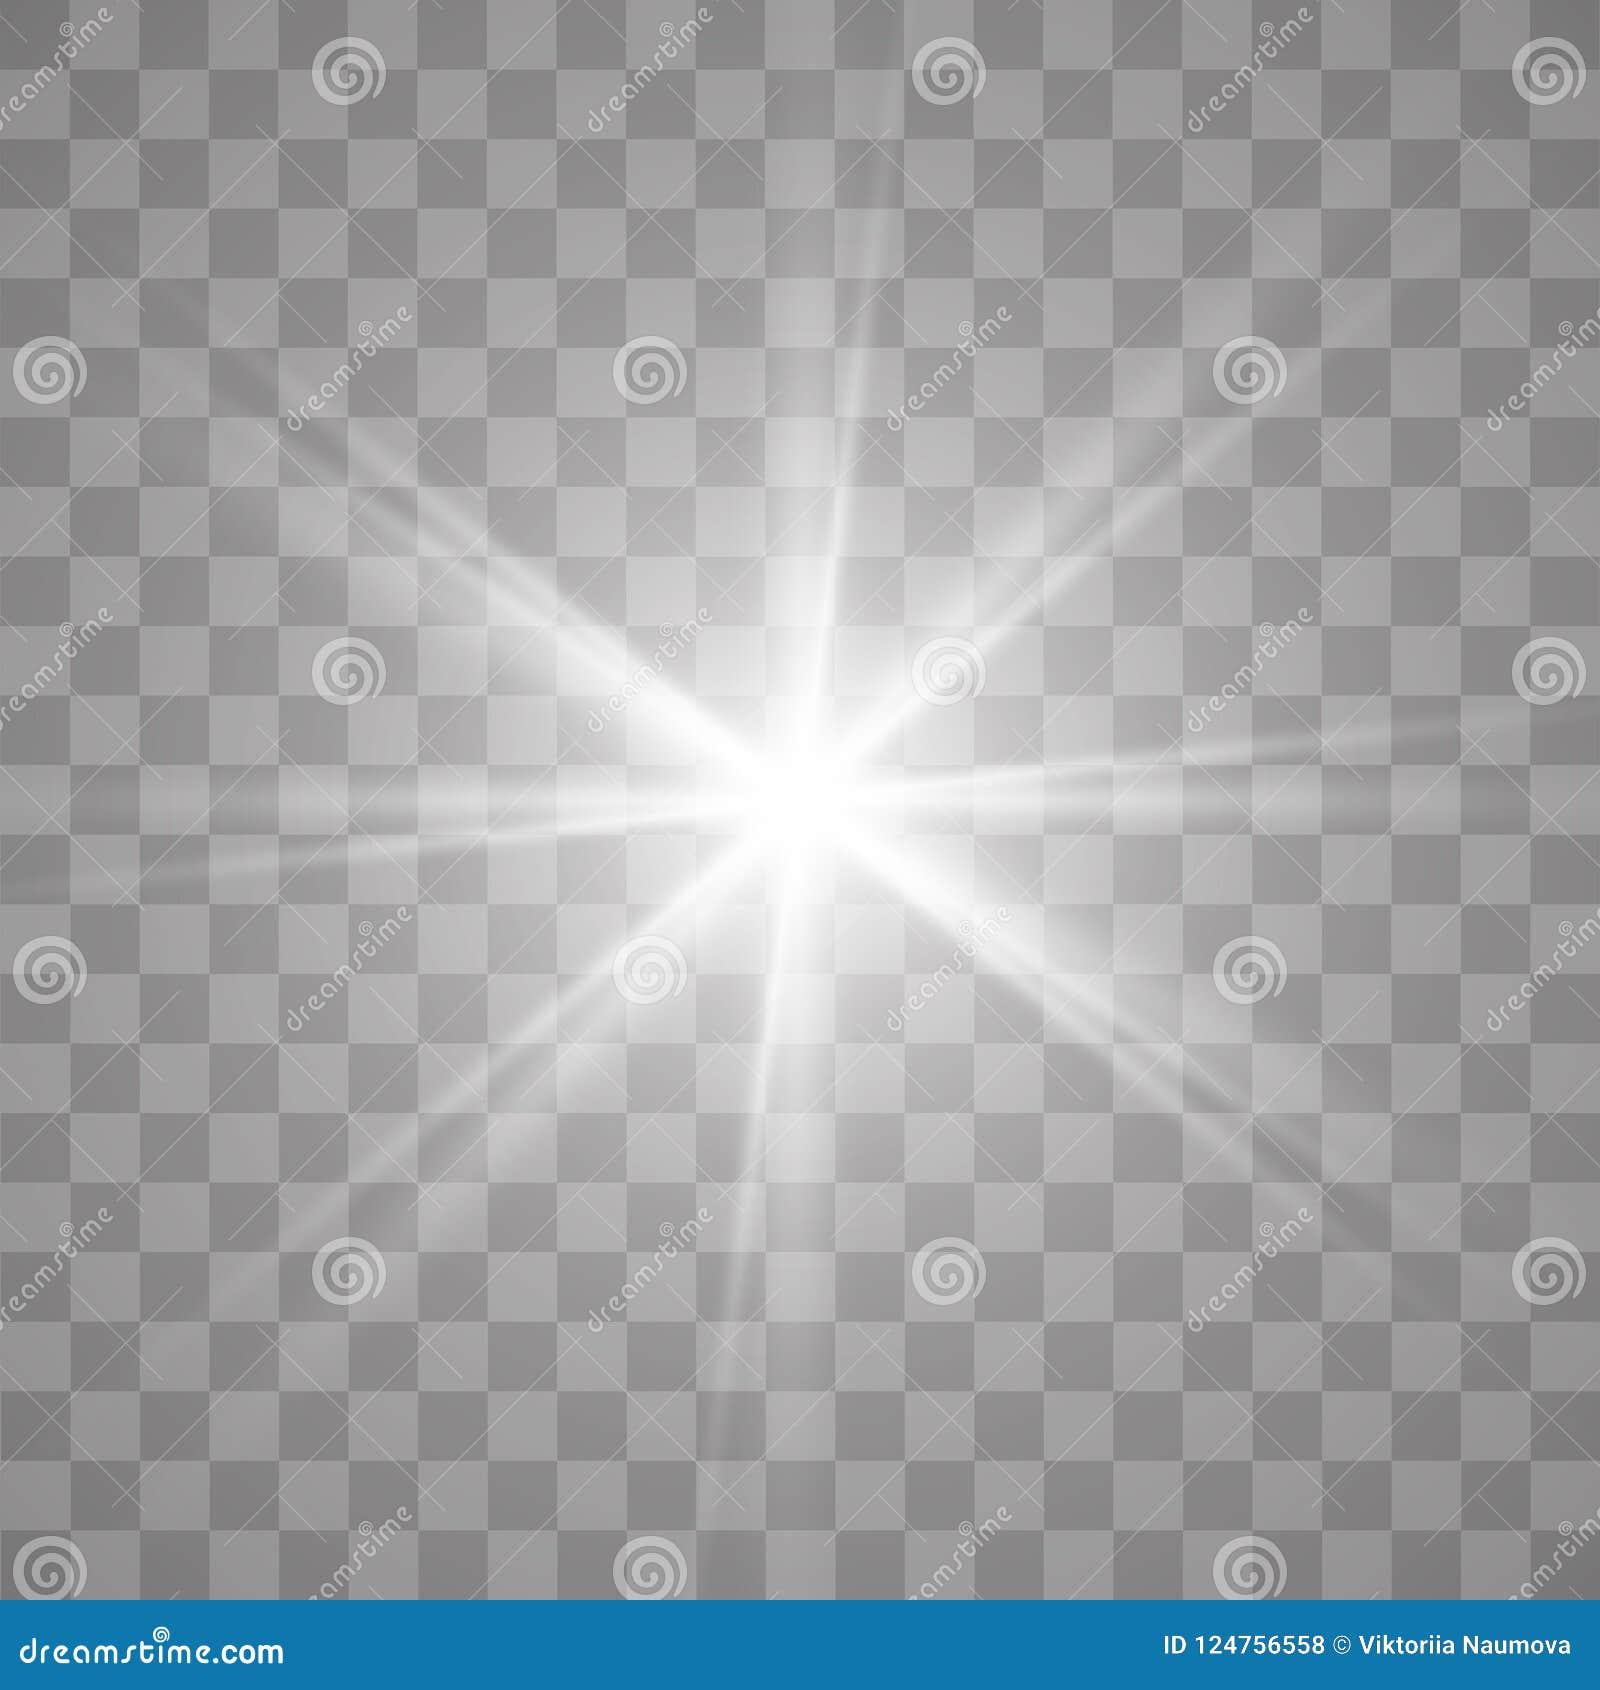 Efeito especial do alargamento claro Ilustração O vetor sparkles no fundo transparente Efeito especial do alargamento claro